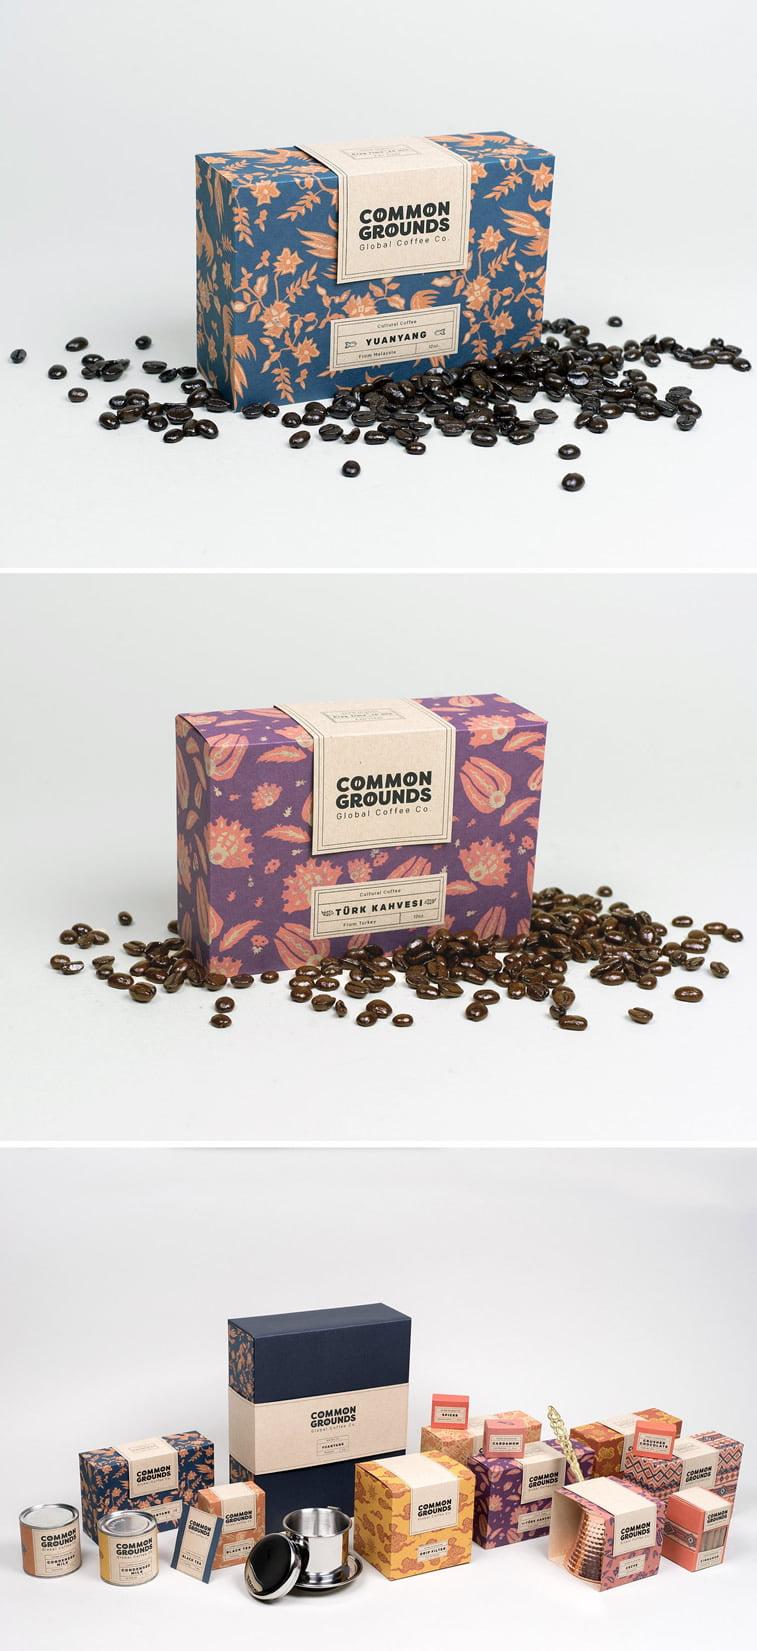 Dizajn ambalaže za kafu: 20 inspirativnih primera – Common grounds